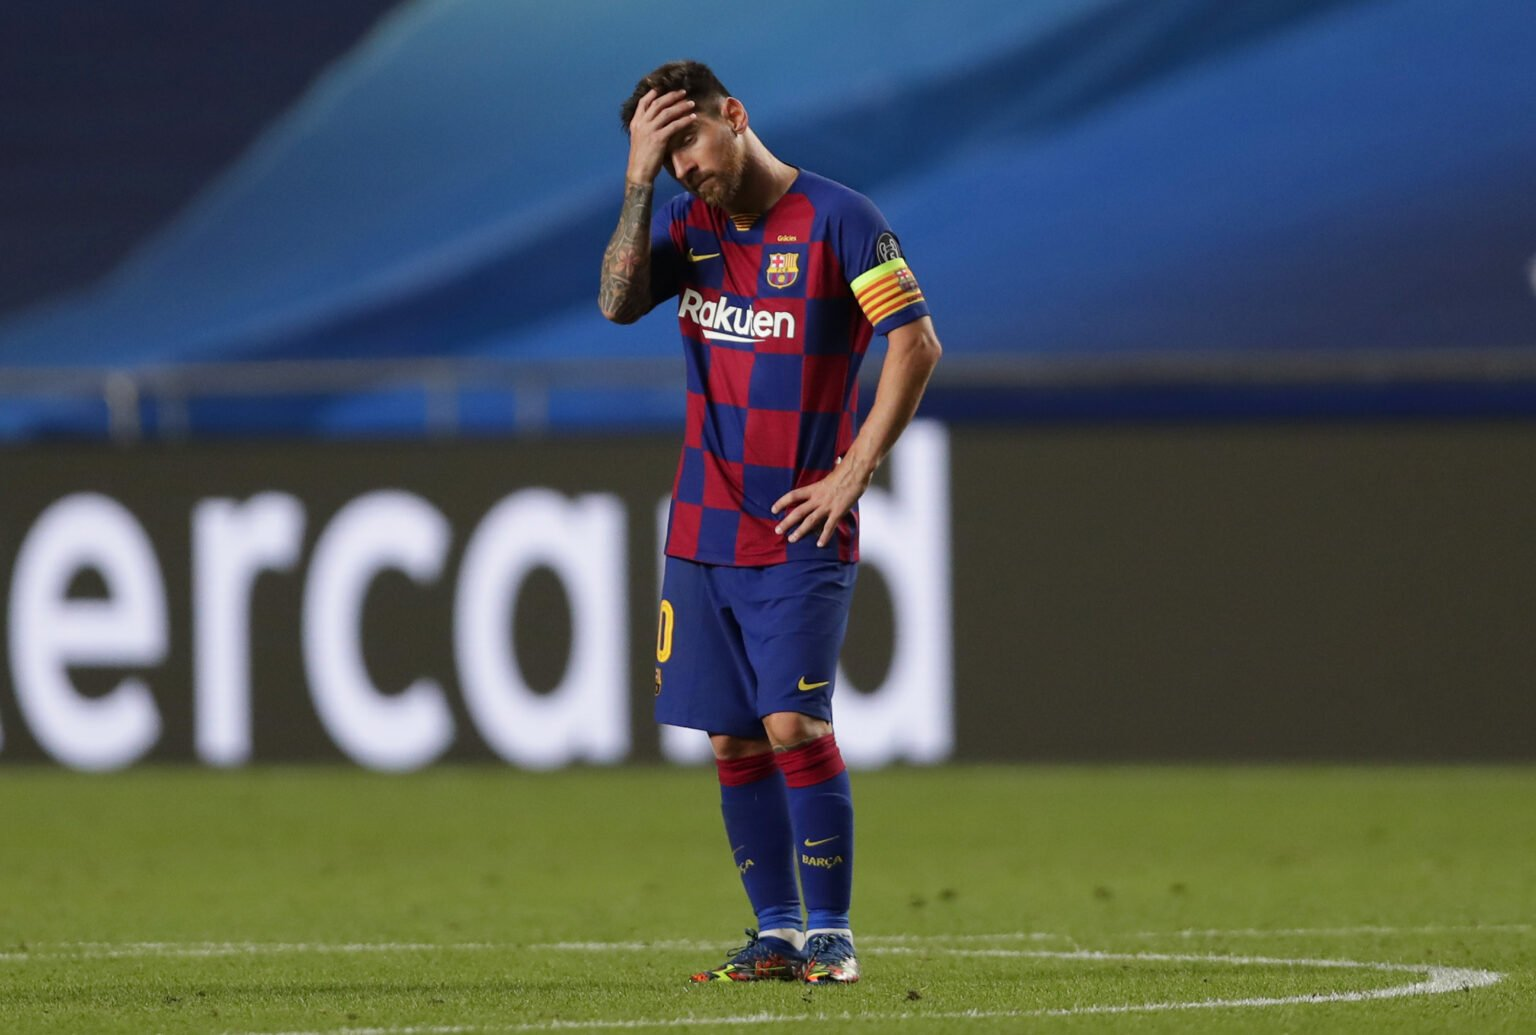 Sai lầm đầu tiên của Setien là không coi Messi là đặc biệt